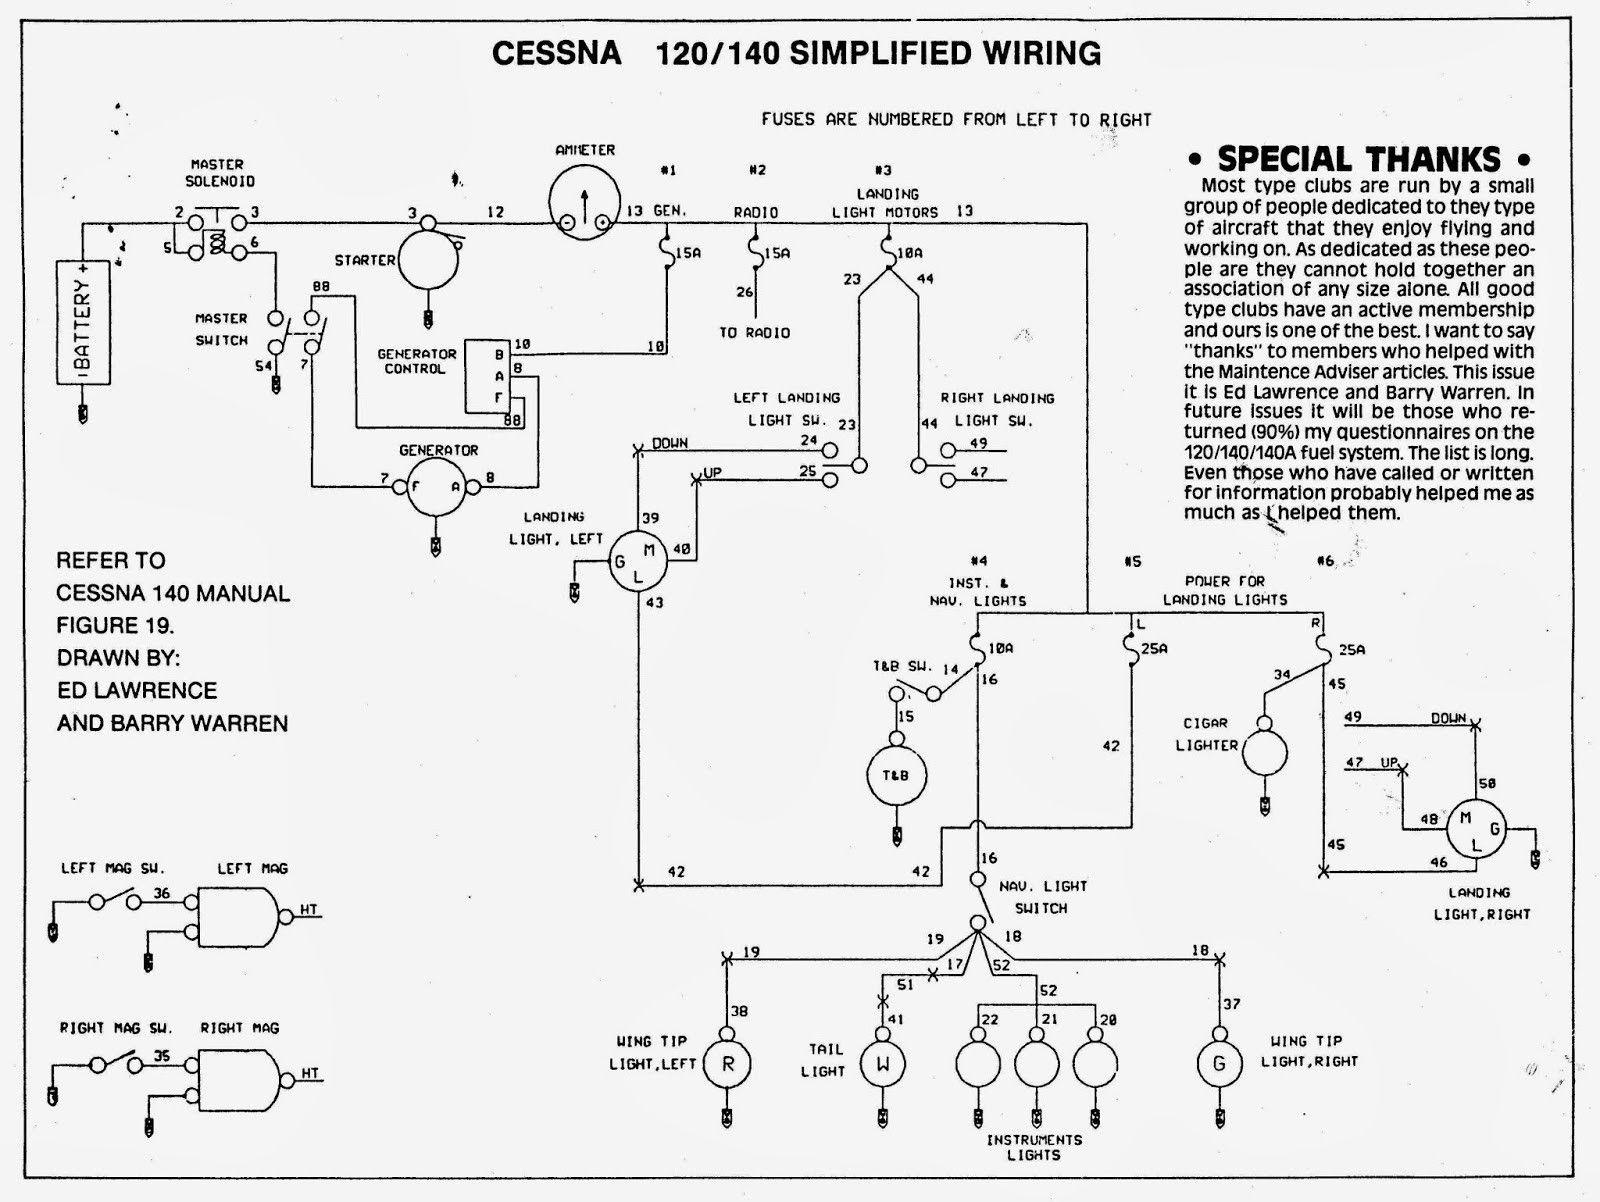 Unique Drawing Wiring Diagrams diagram wiringdiagram